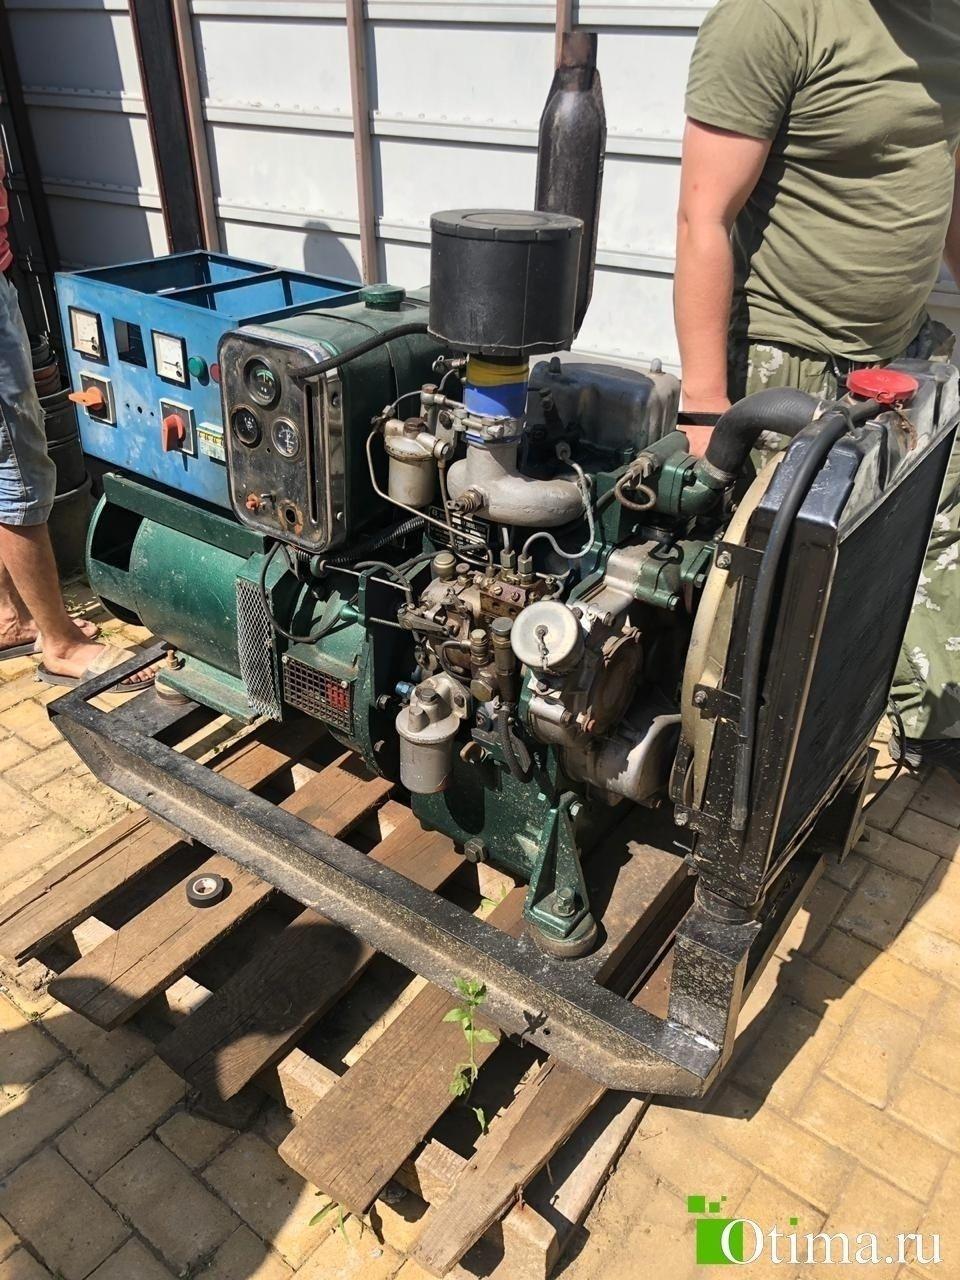 Ремонт любых генераторов и трансформаторов.